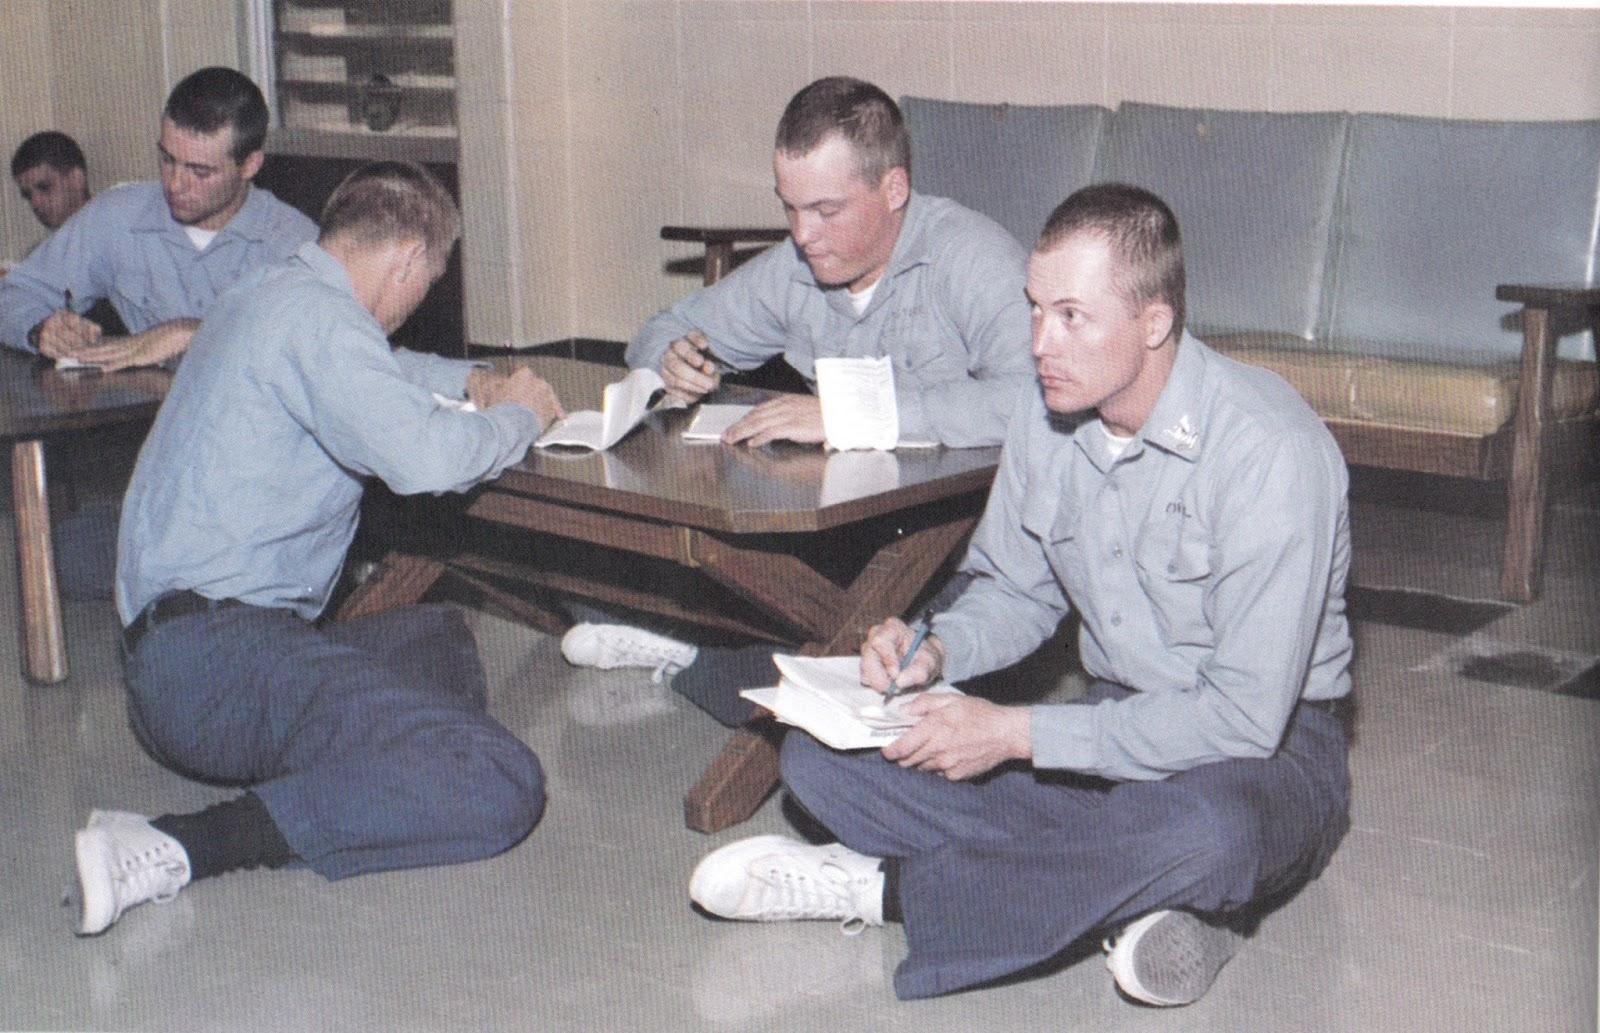 Company 42 boot camp barracks. The guys writing home Orlando, Florida 1981